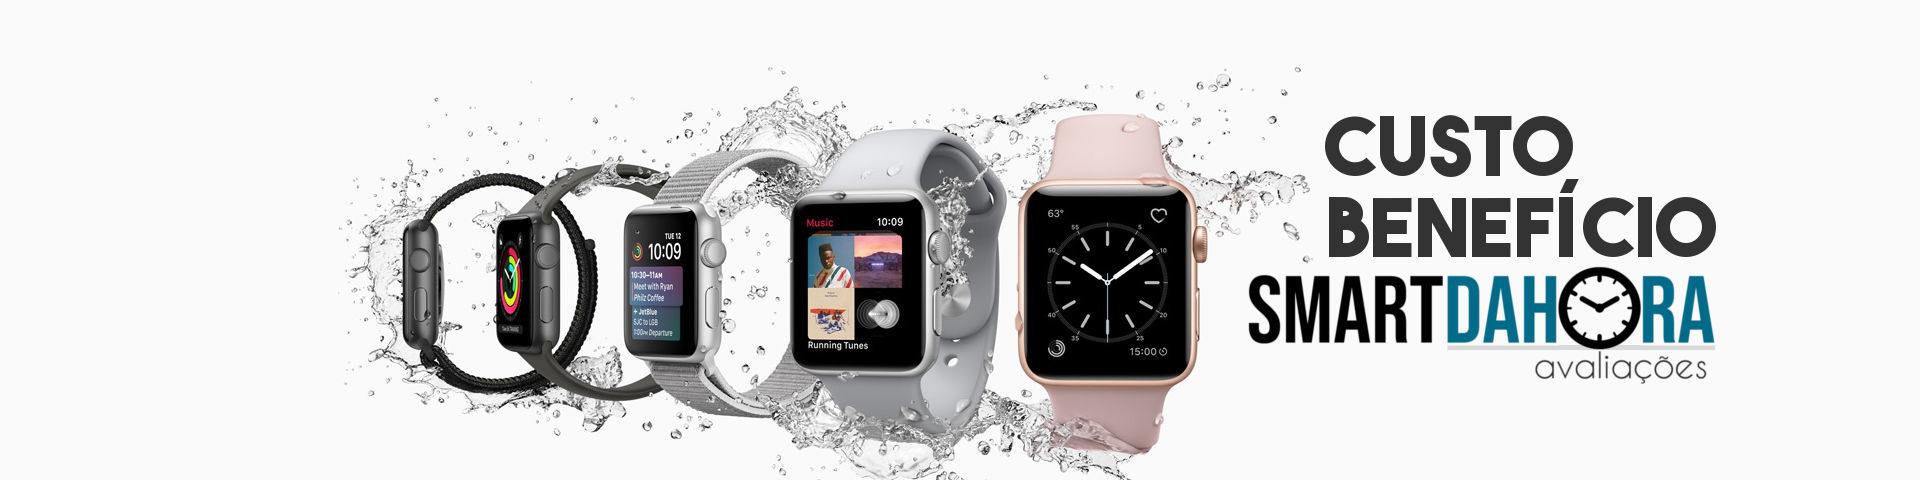 smartwatch melhor custo benefício